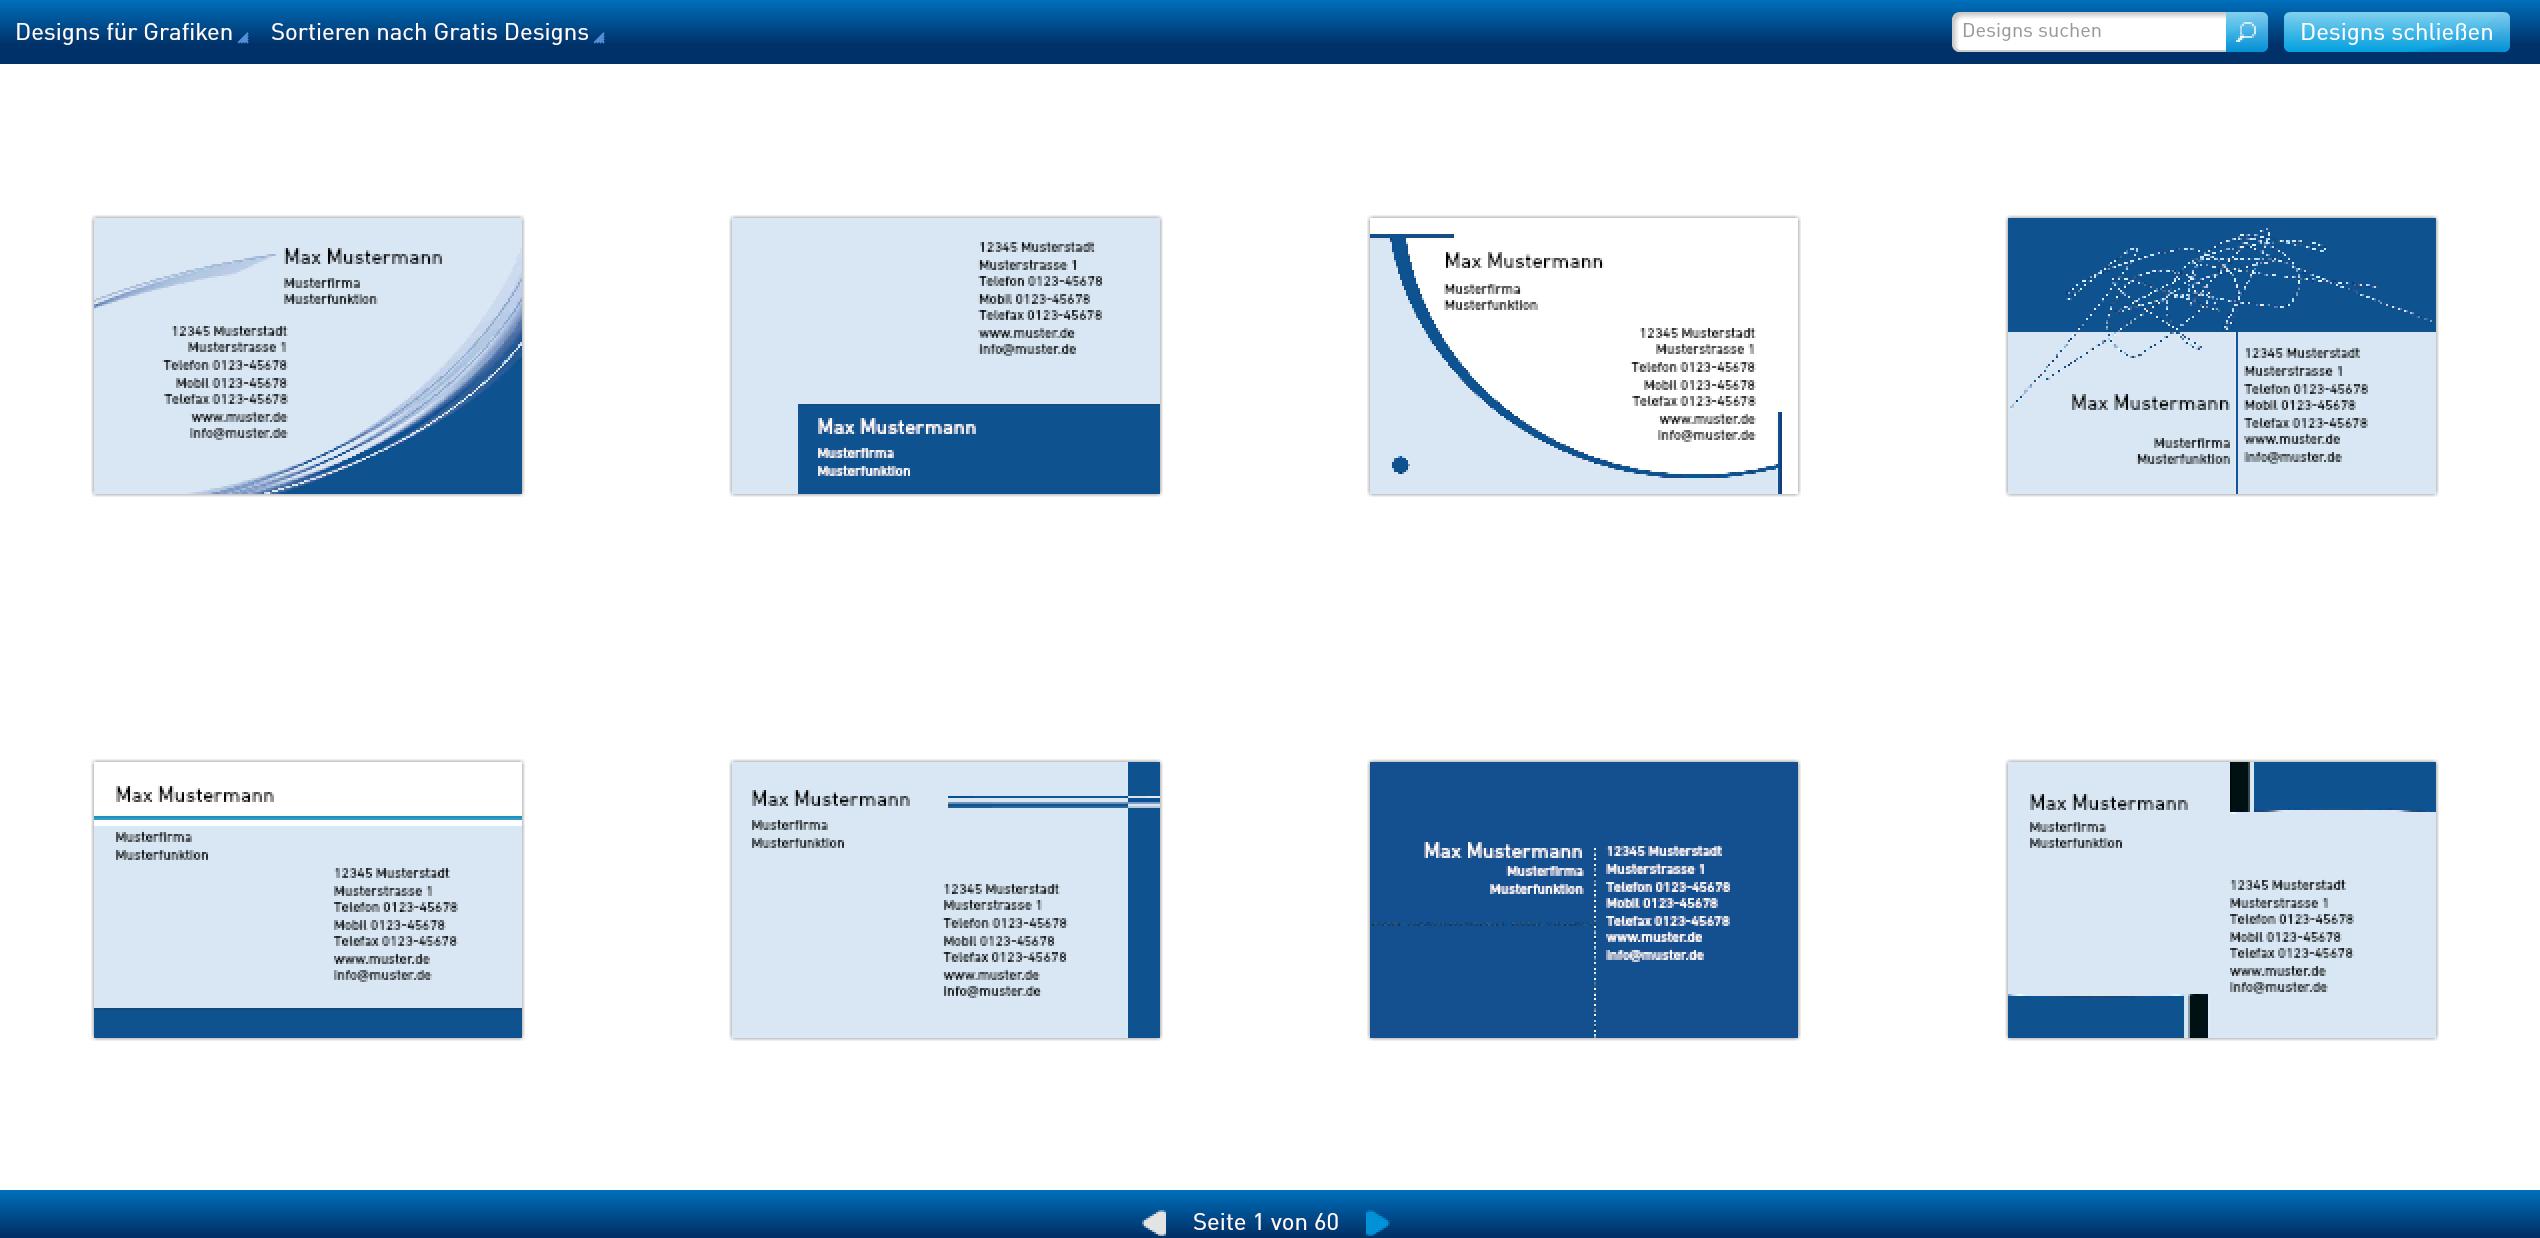 Designs von Vorlagen für Visitenkarten